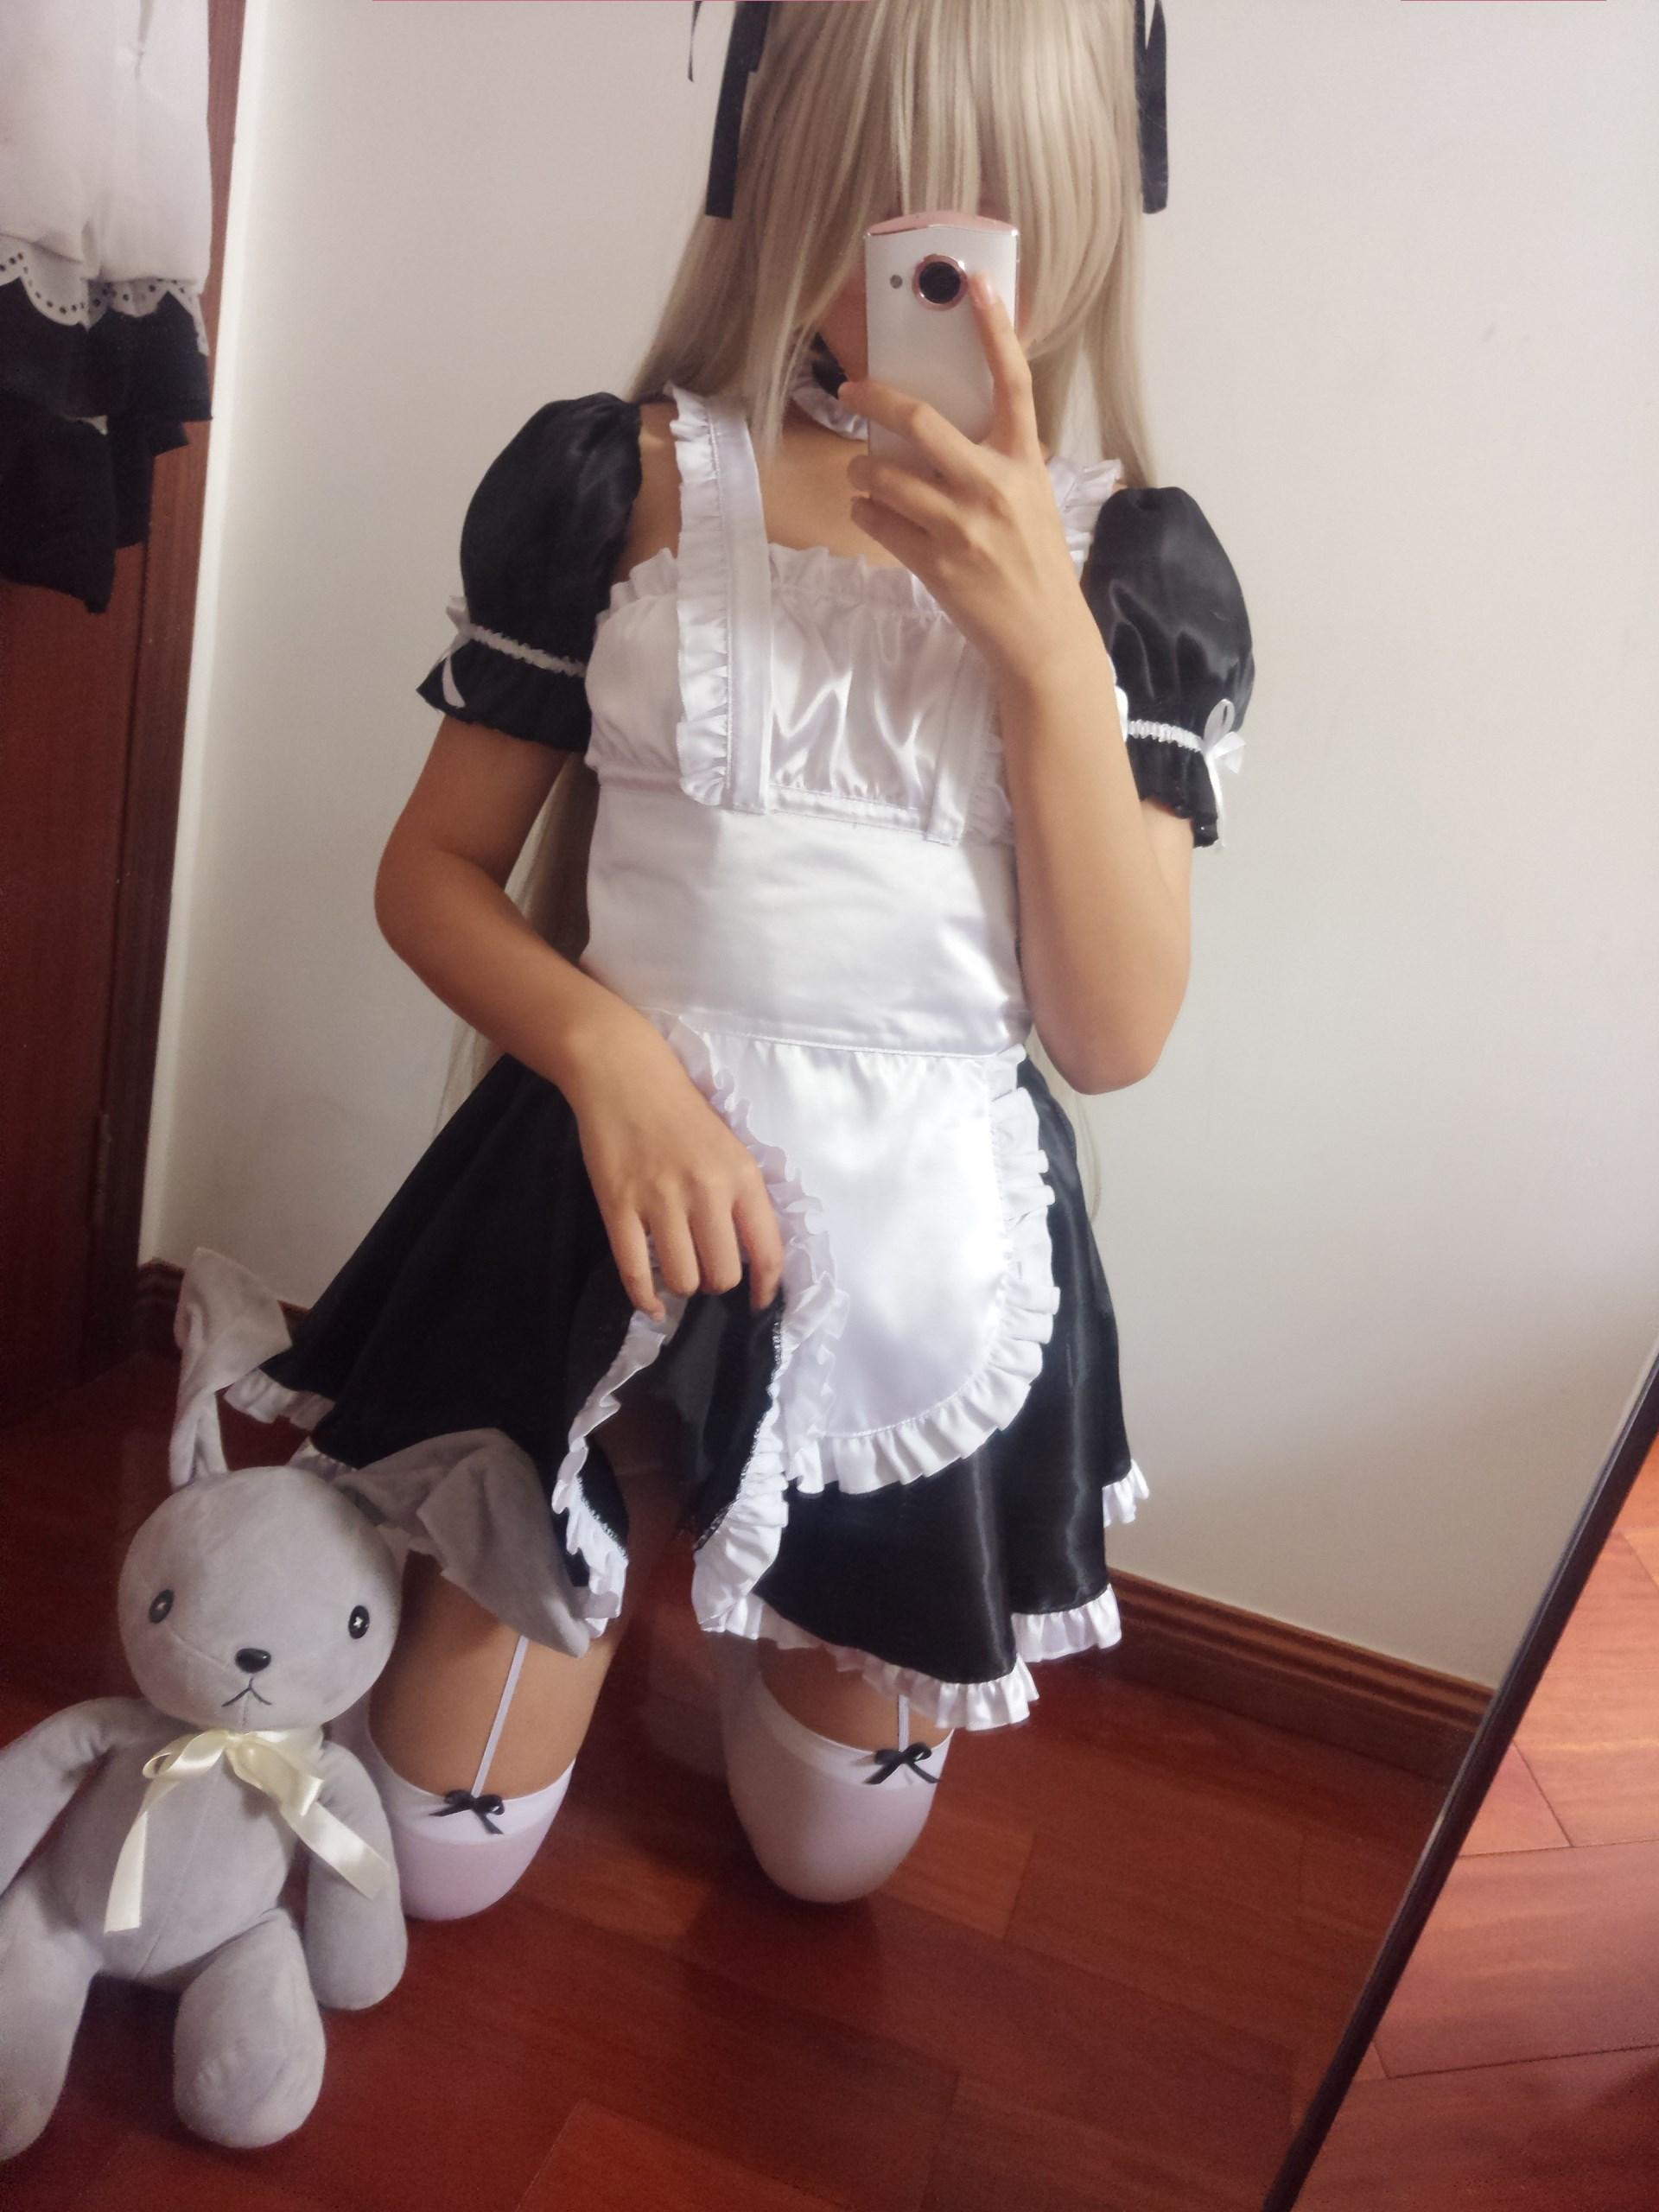 【兔玩映画】萌妹自拍-女仆装穹妹 兔玩映画 第1张